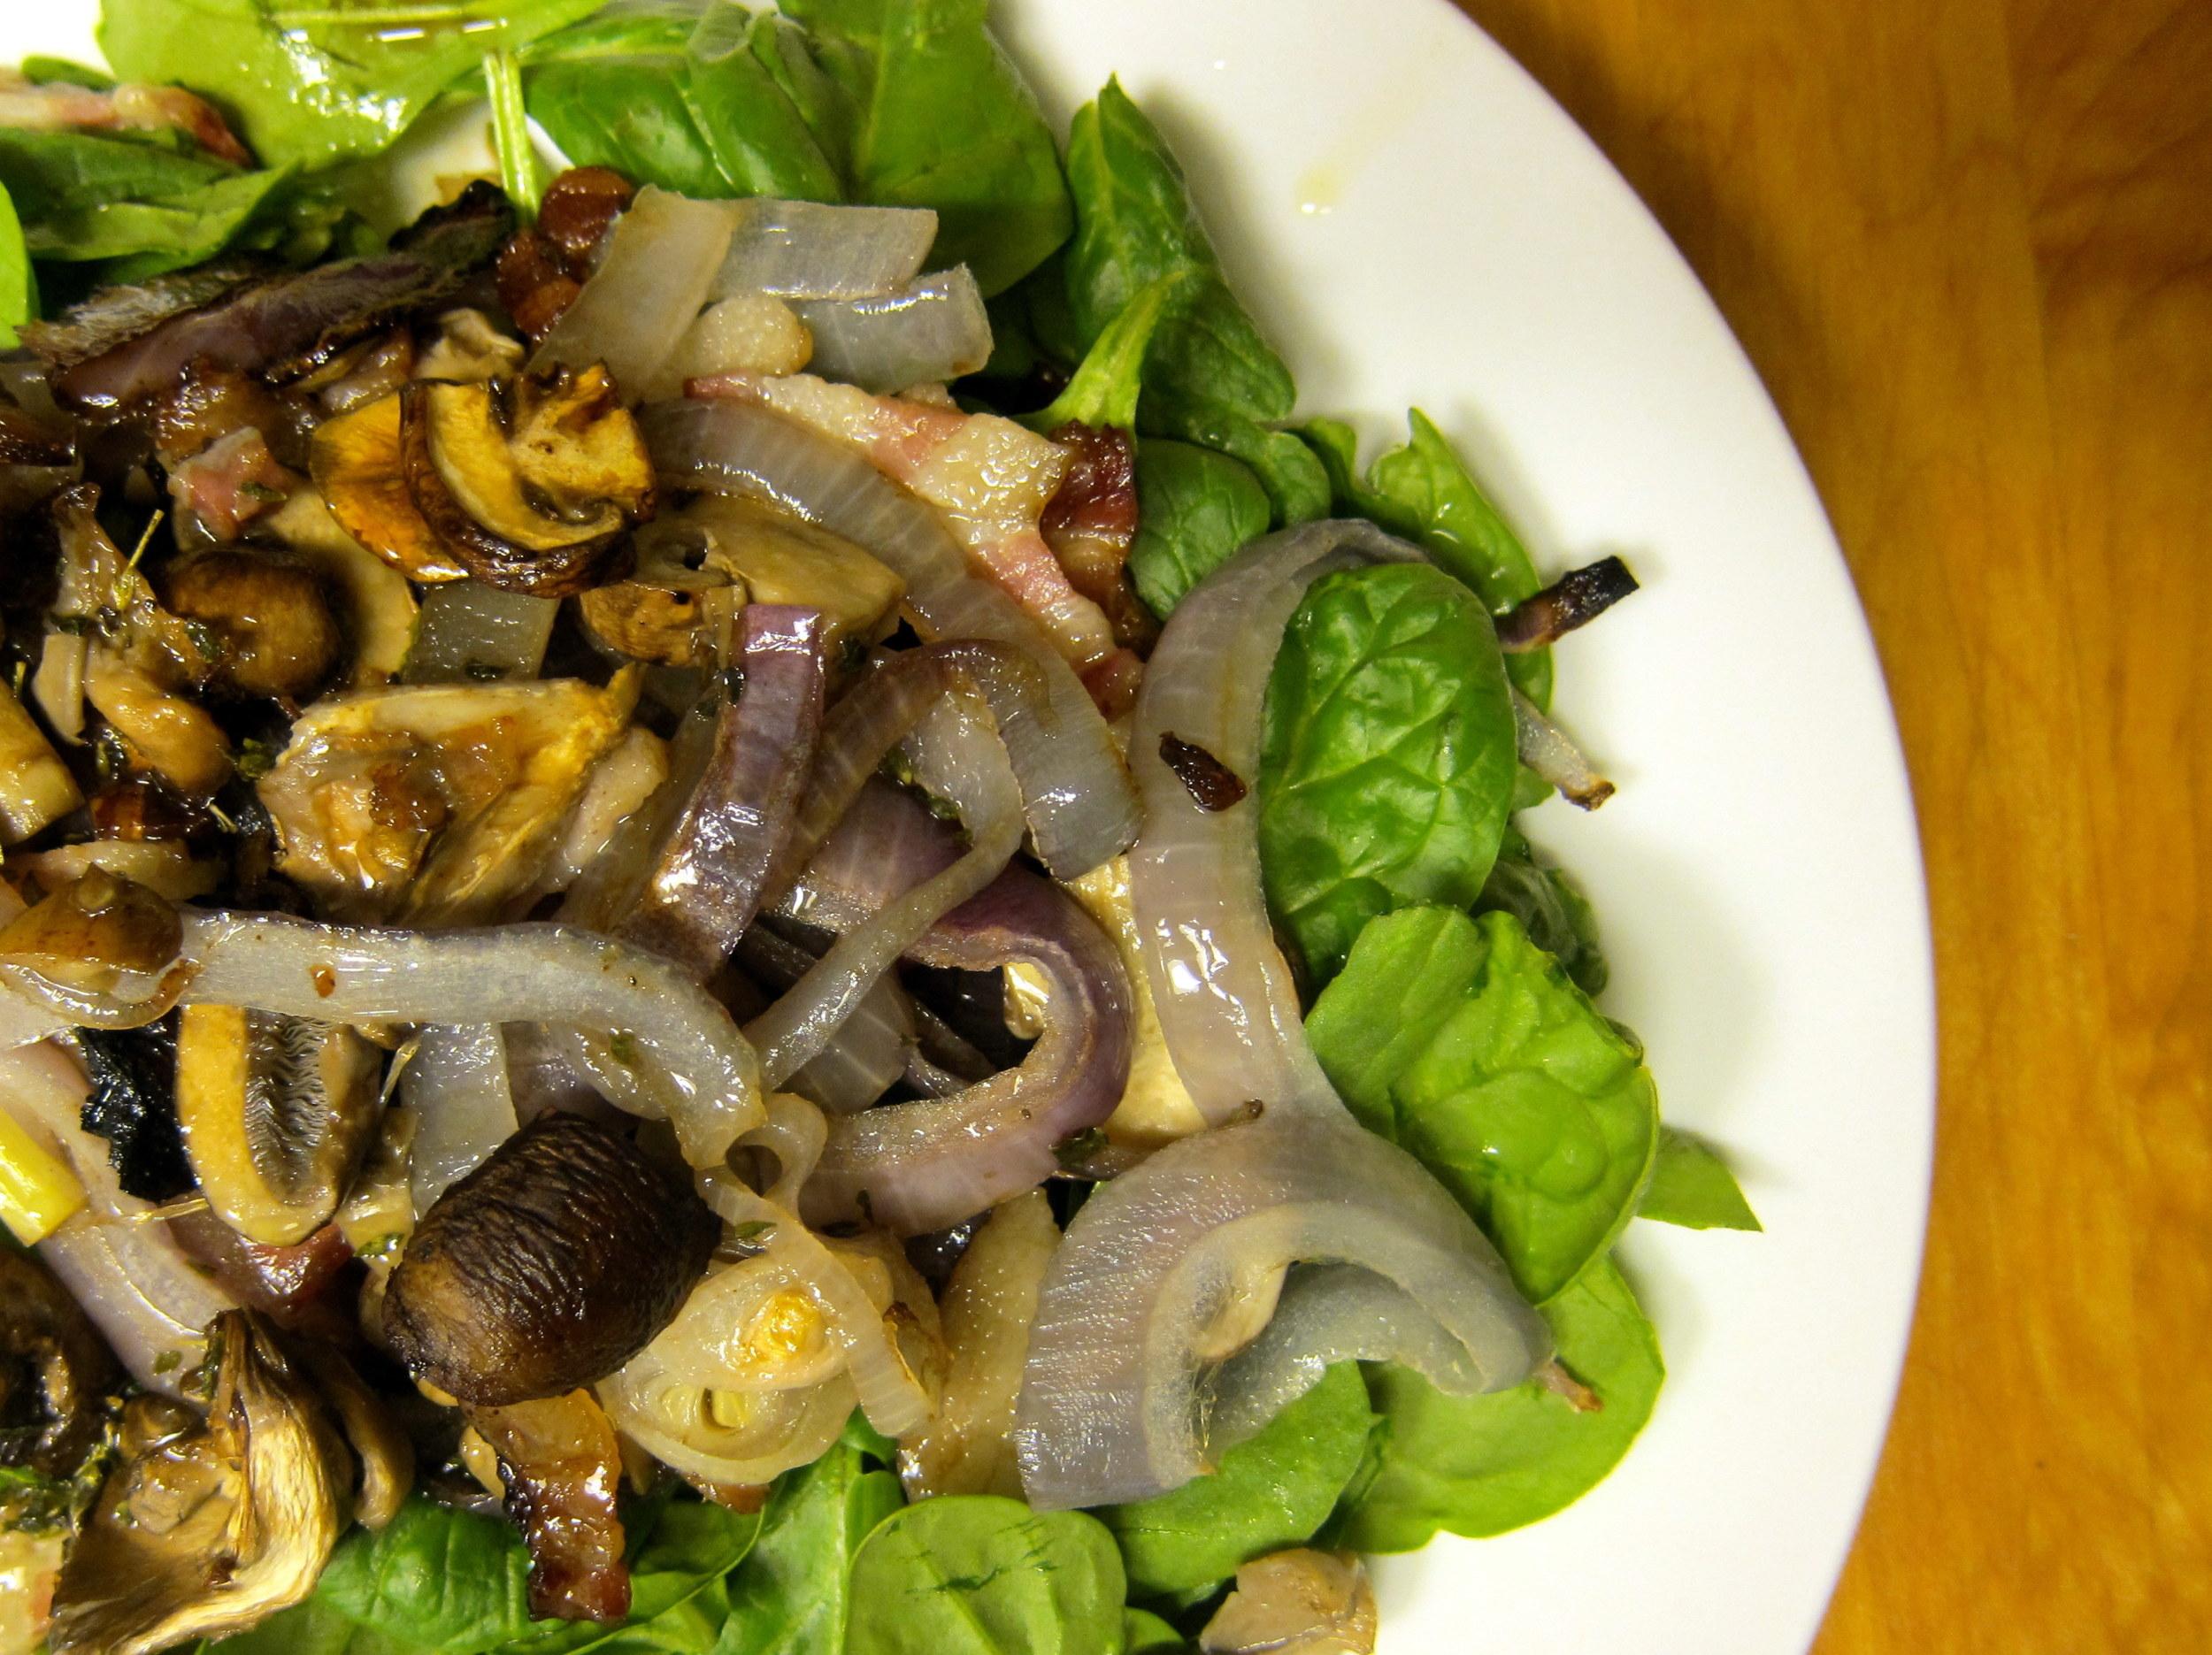 Ensalada de Hongos Asados con Espinacas y Tocino: Roasted Mushroom Salad with Spinach and Bacon